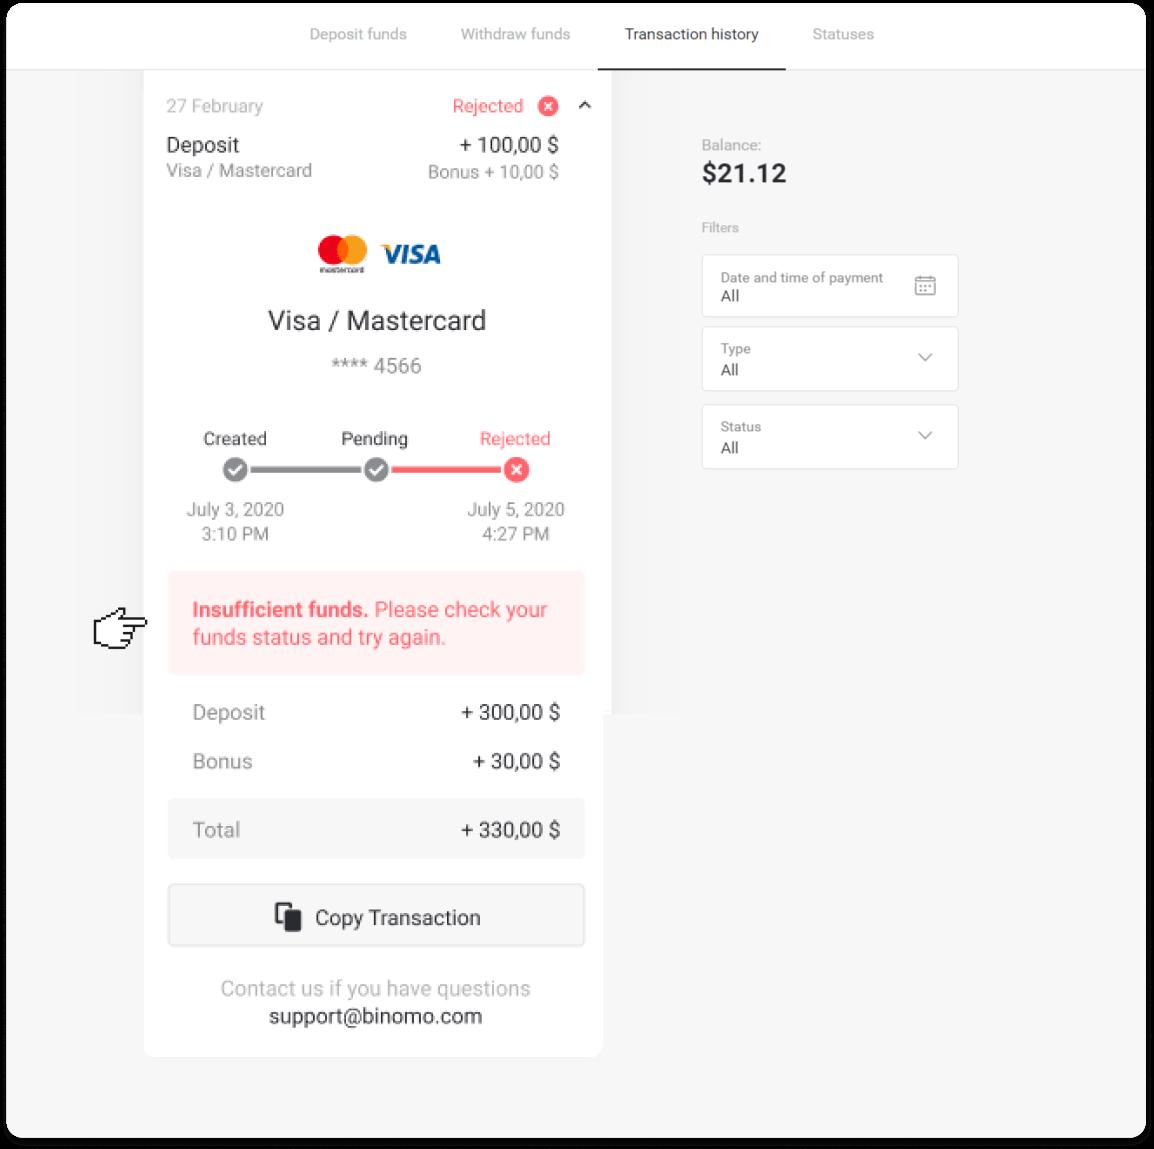 Como fazer login e depositar fundos no Binomo